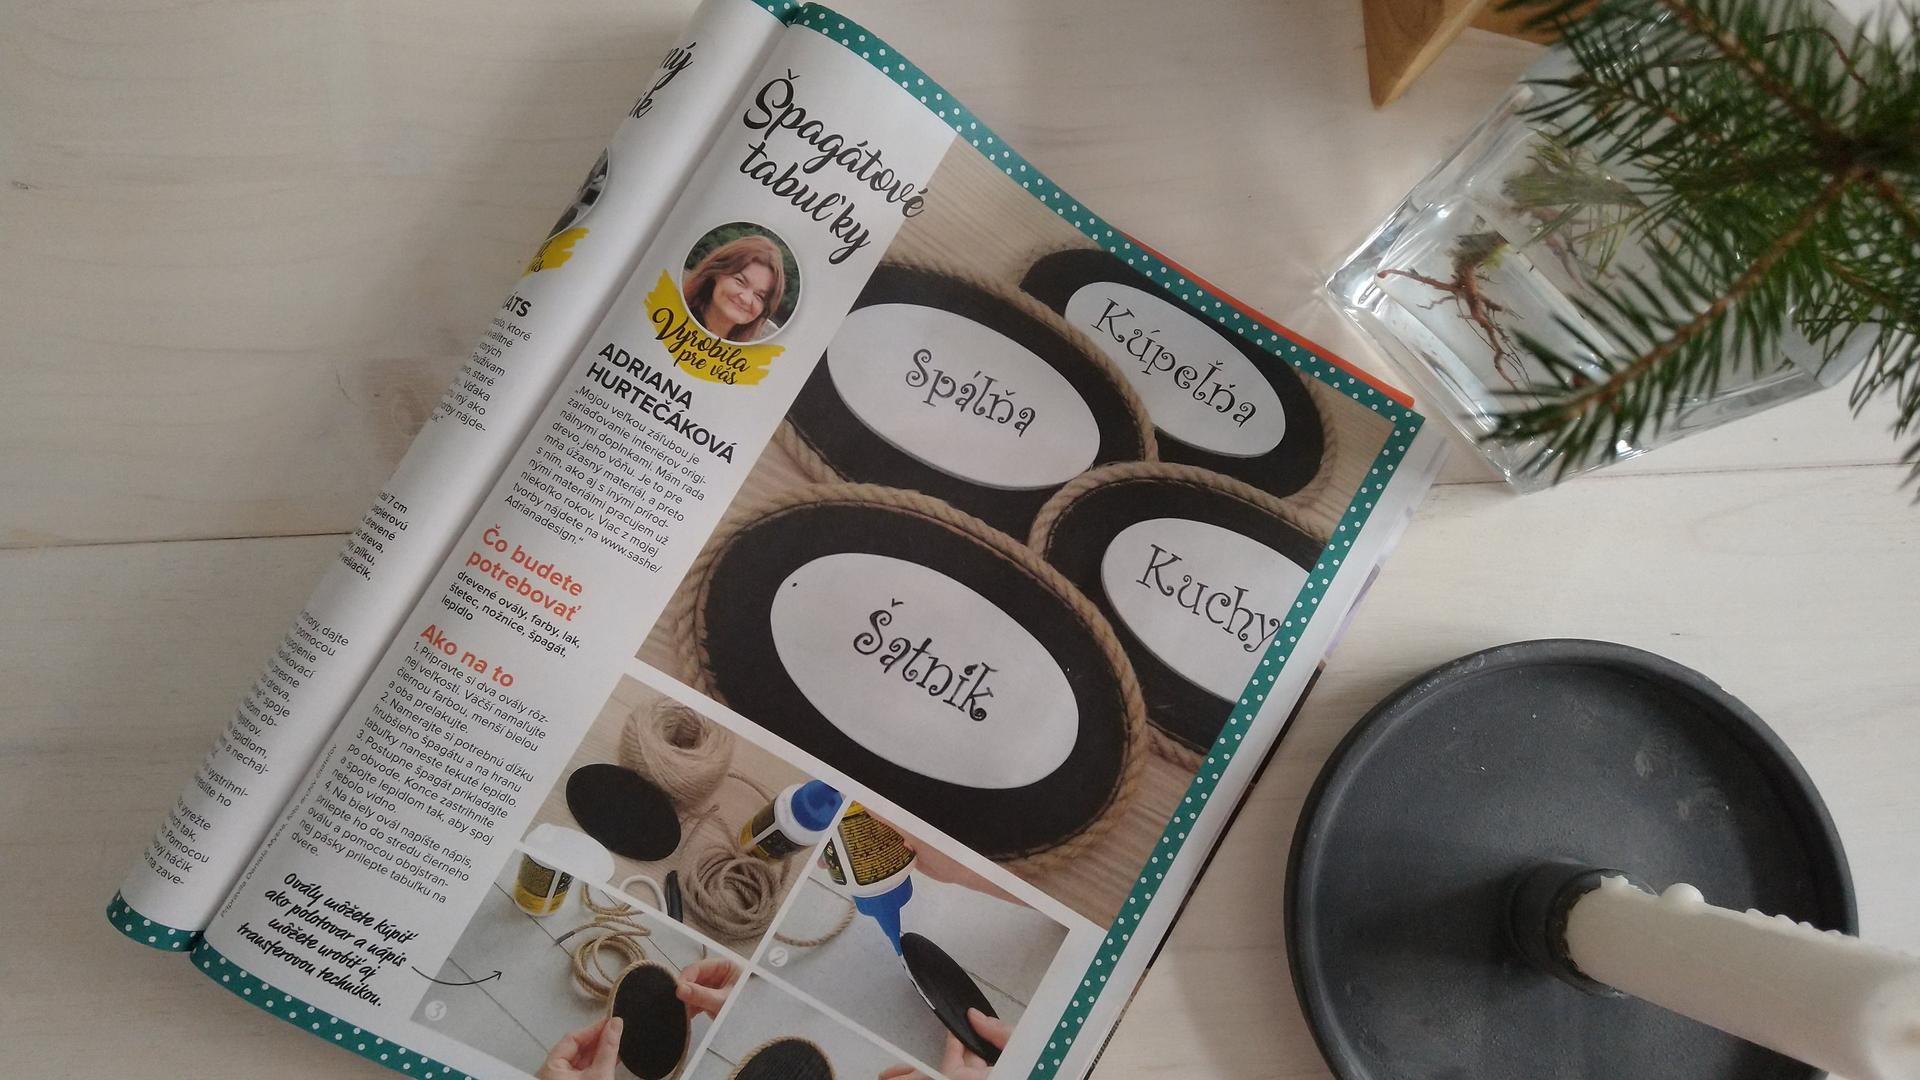 Ďakujem redakcii časopisu Lepšie bývanie ☺️🤗 - Obrázok č. 3